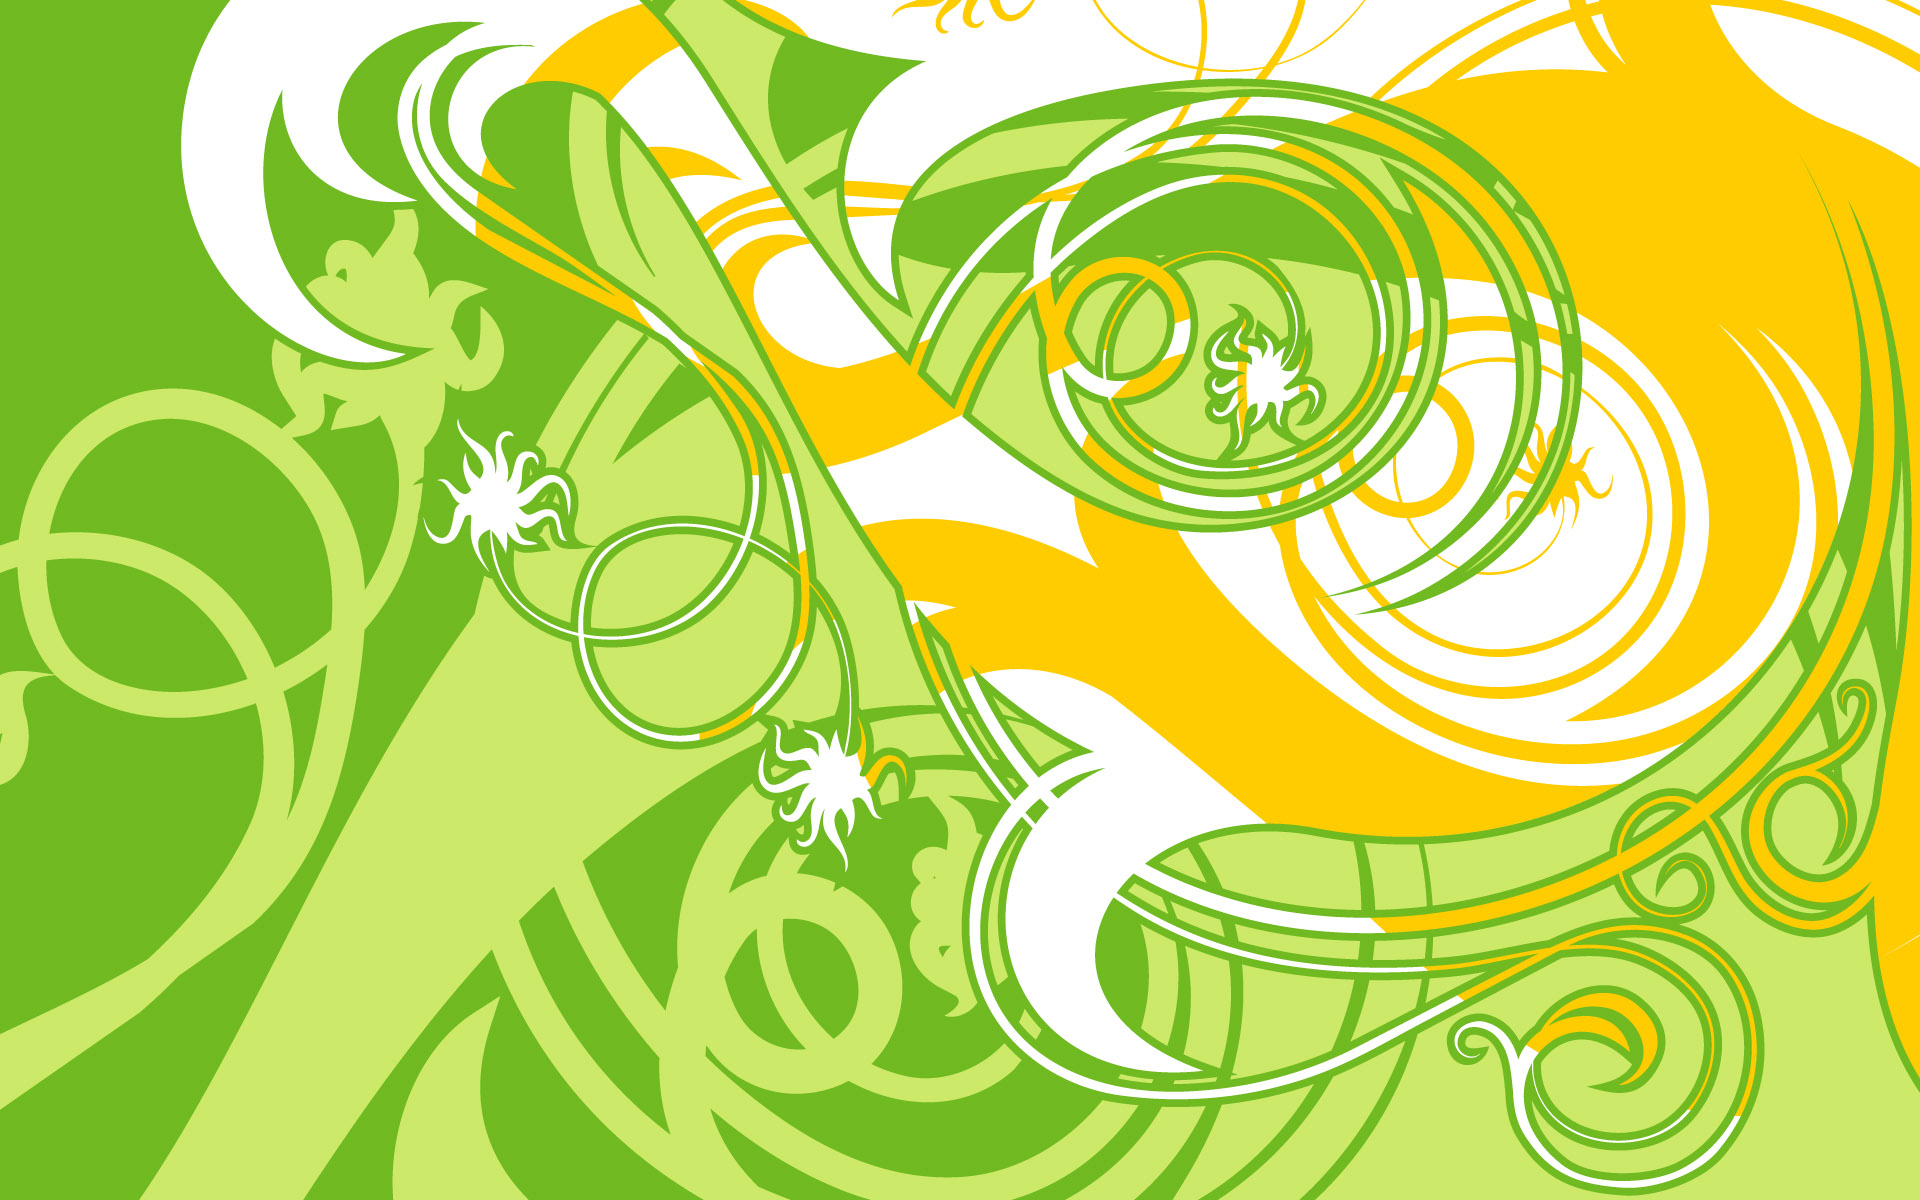 壁纸1920×1200矢量合集 1 12壁纸 矢量其他 矢量合集 第一辑壁纸图片矢量壁纸矢量图片素材桌面壁纸